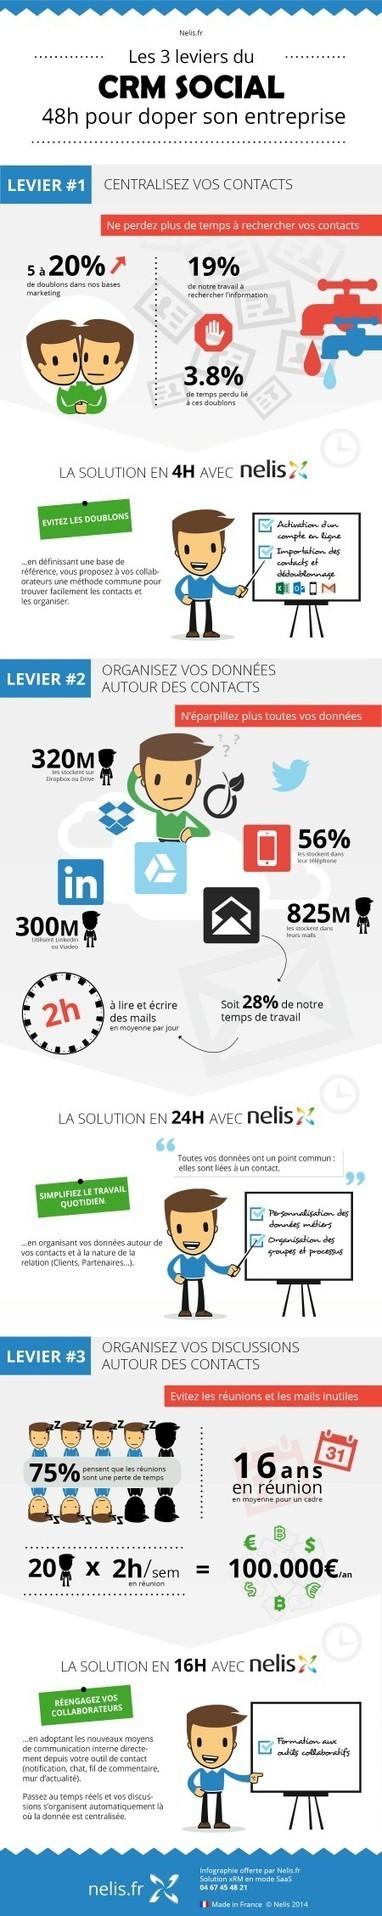 Le CRM social en une infographie | Marketing & Communication | Scoop.it